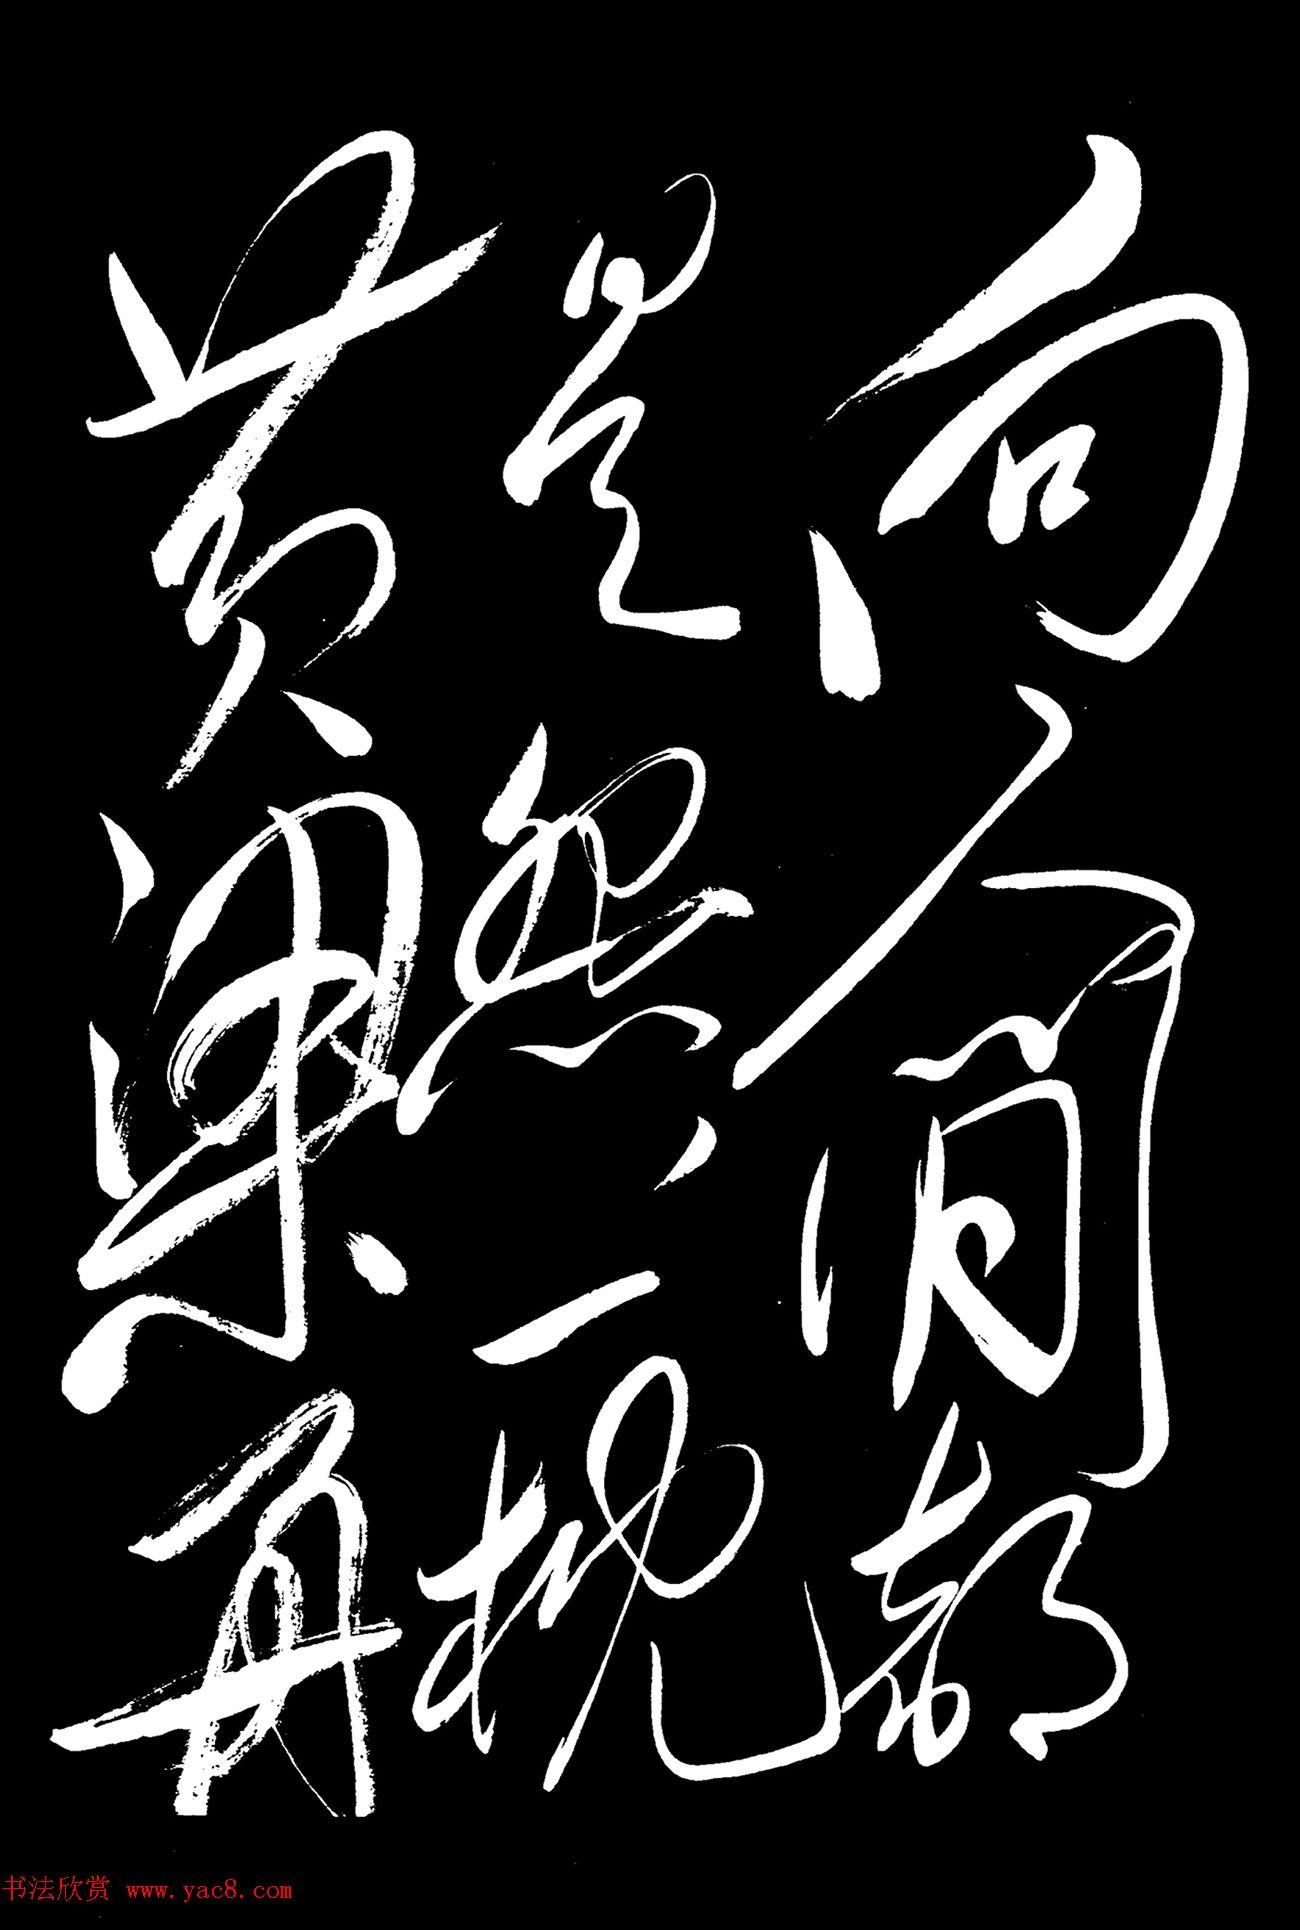 毛主席诗词墨迹《清平乐·蒋桂战争》